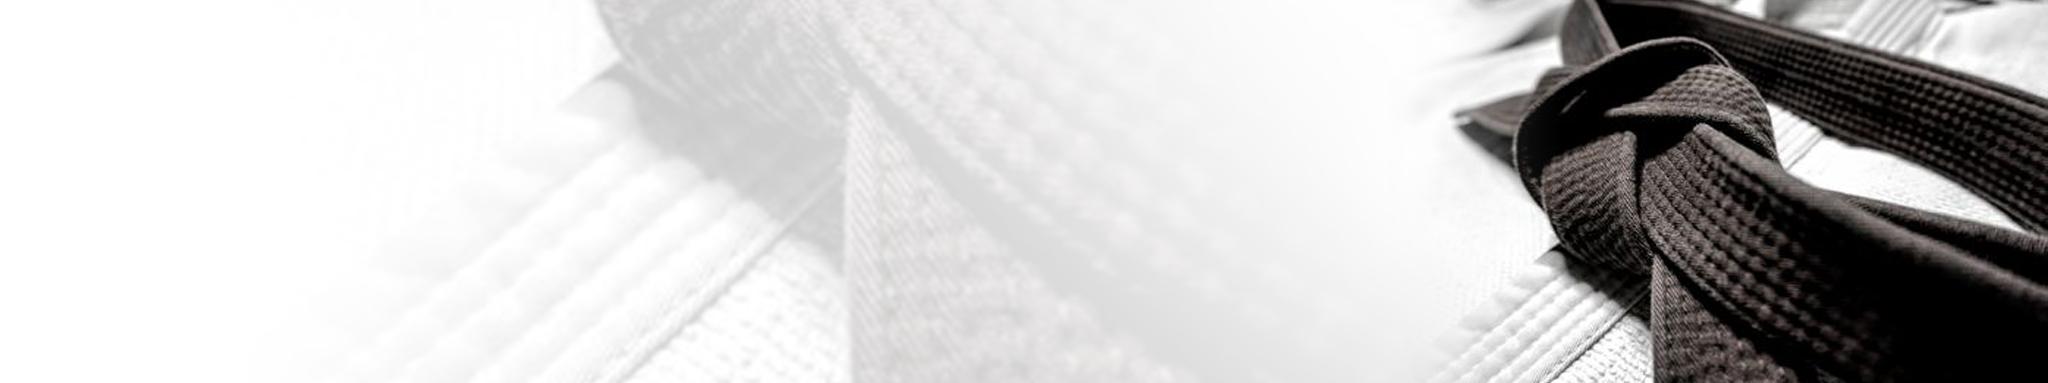 Matsuru : vêtements, équipements & accessoires de la marque Matsuru | Dragon Bleu